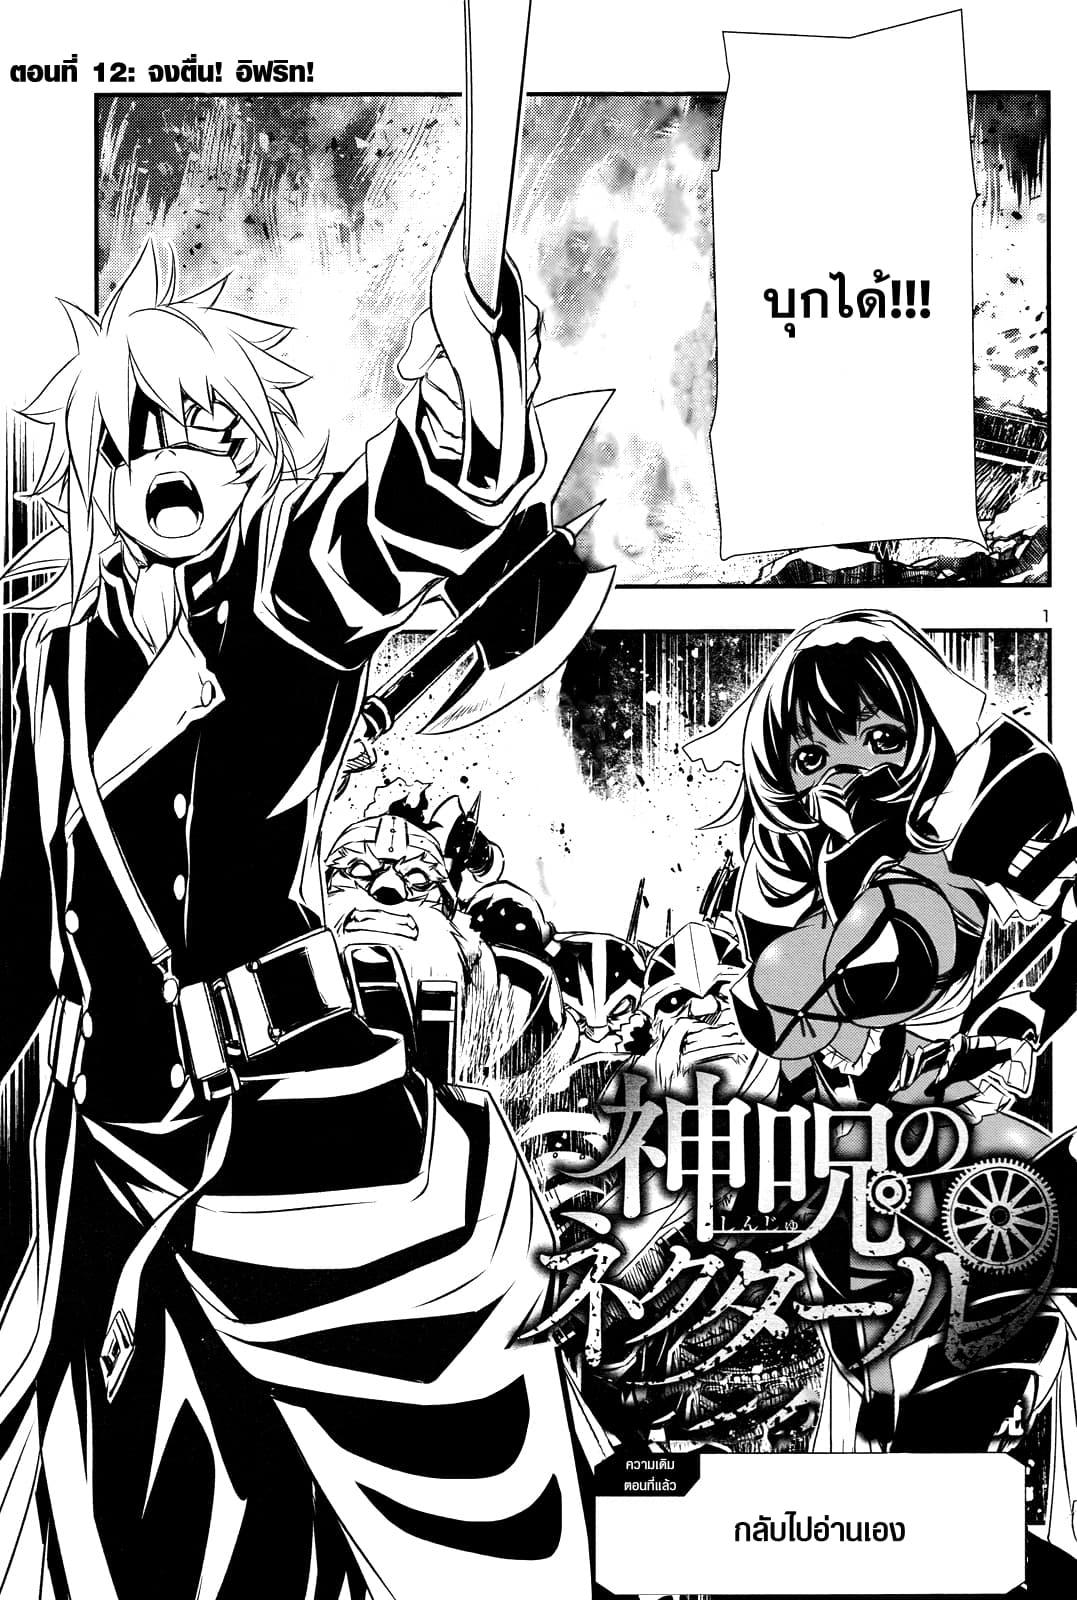 อ่านการ์ตูน Shinju no Nectar ตอนที่ 12 หน้าที่ 1